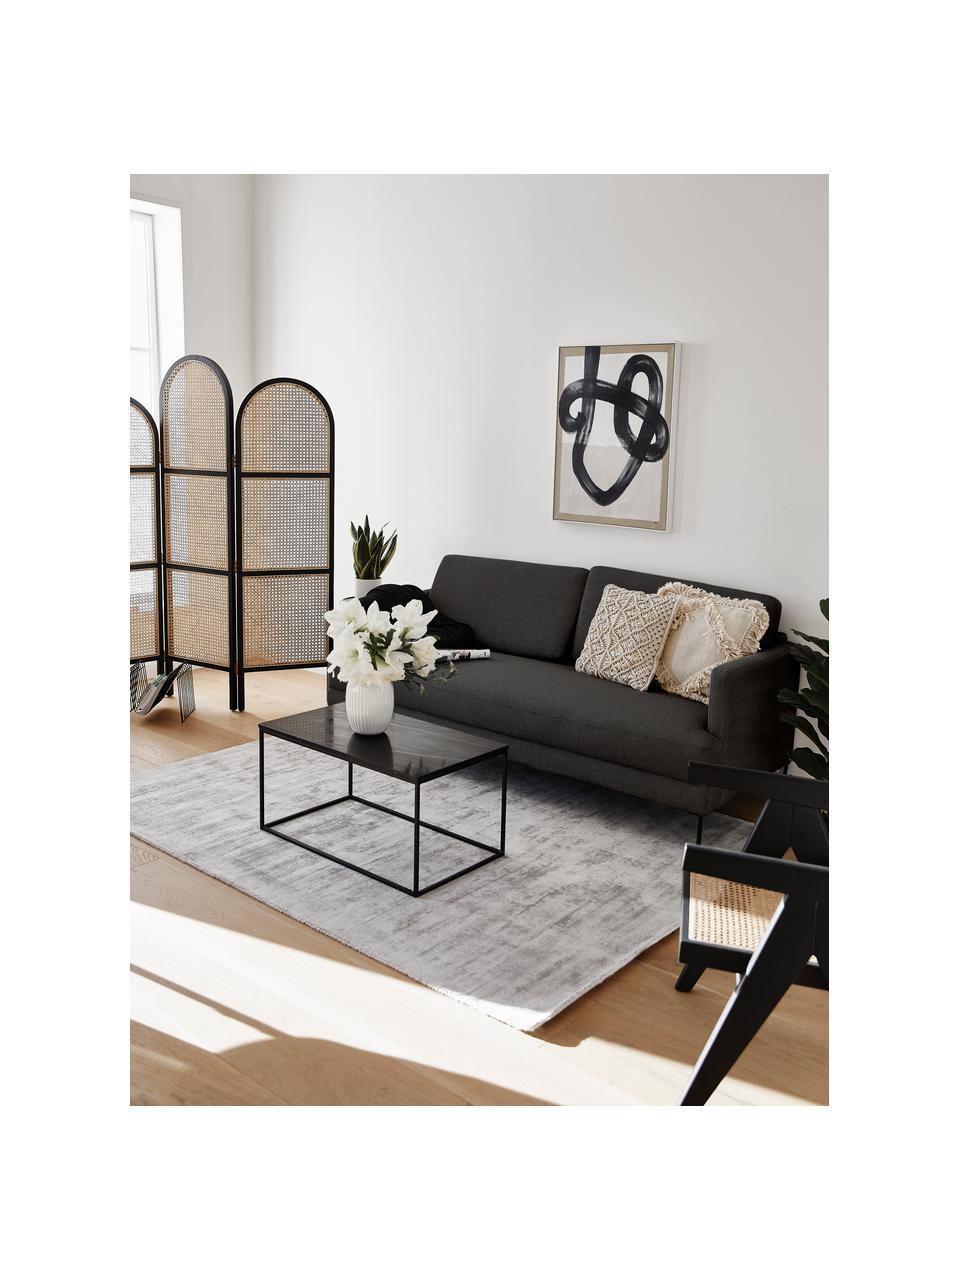 Sofa Fluente (3-Sitzer) in Dunkelgrau mit Metall-Füßen, Bezug: 100% Polyester Der hochwe, Gestell: Massives Kiefernholz, Füße: Metall, pulverbeschichtet, Webstoff Dunkelgrau, B 196 x T 85 cm